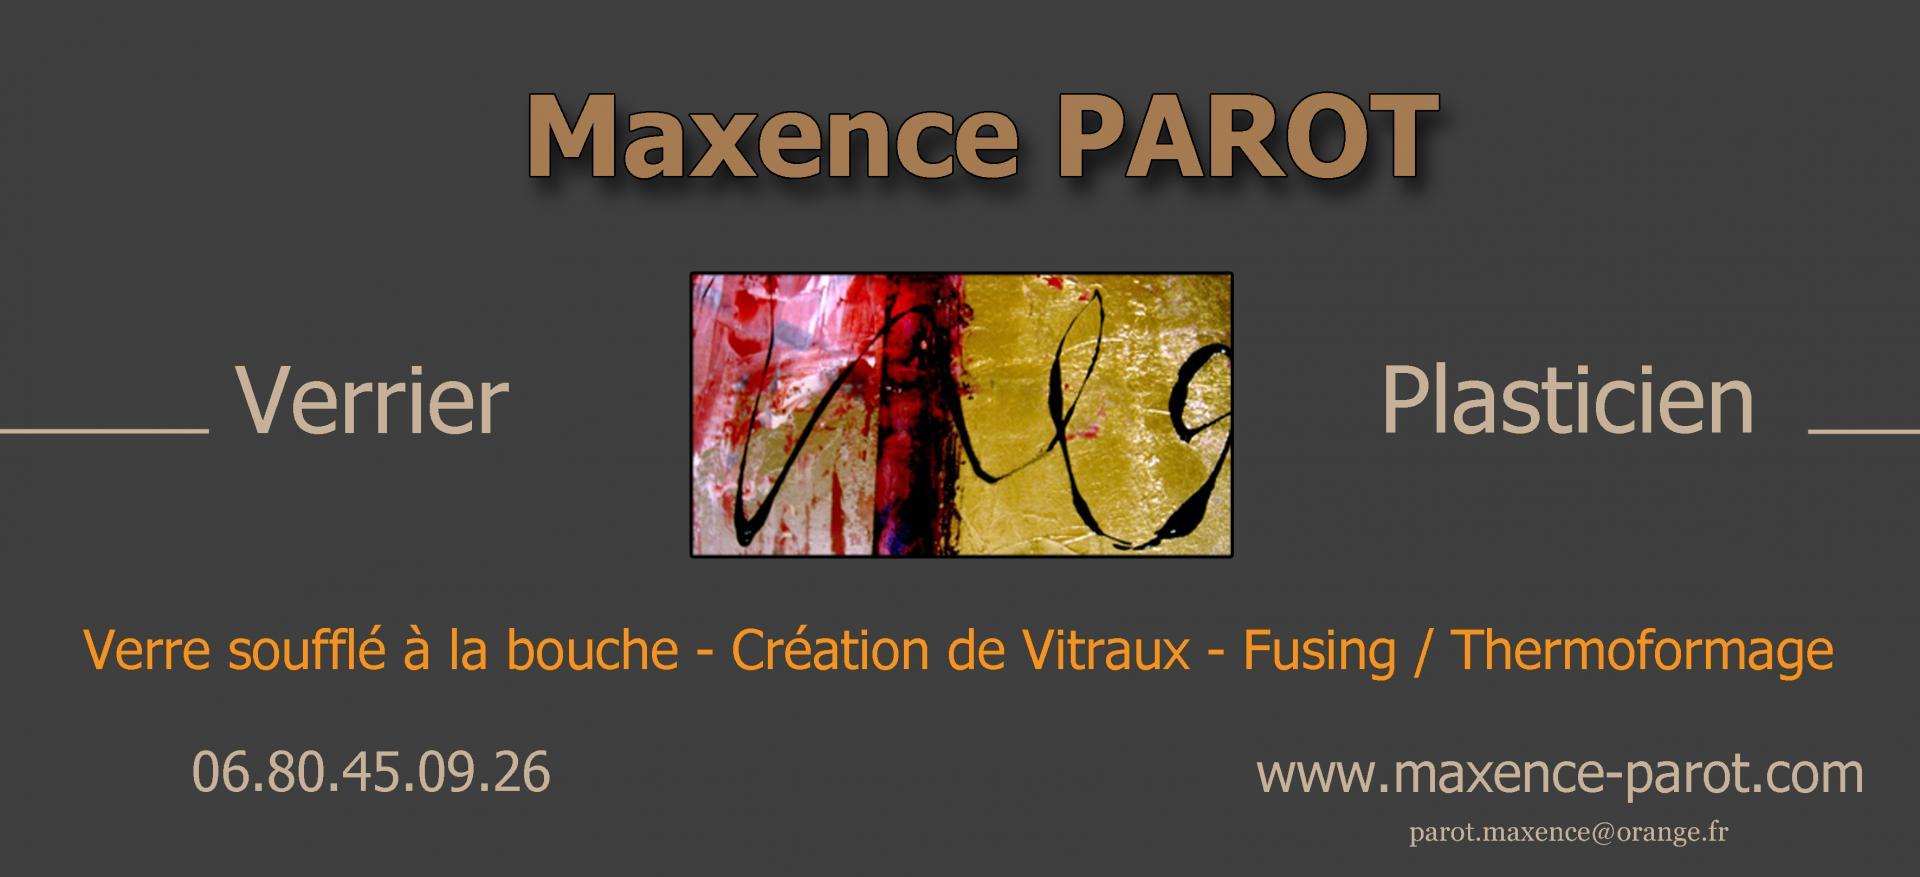 Maxence PAROT